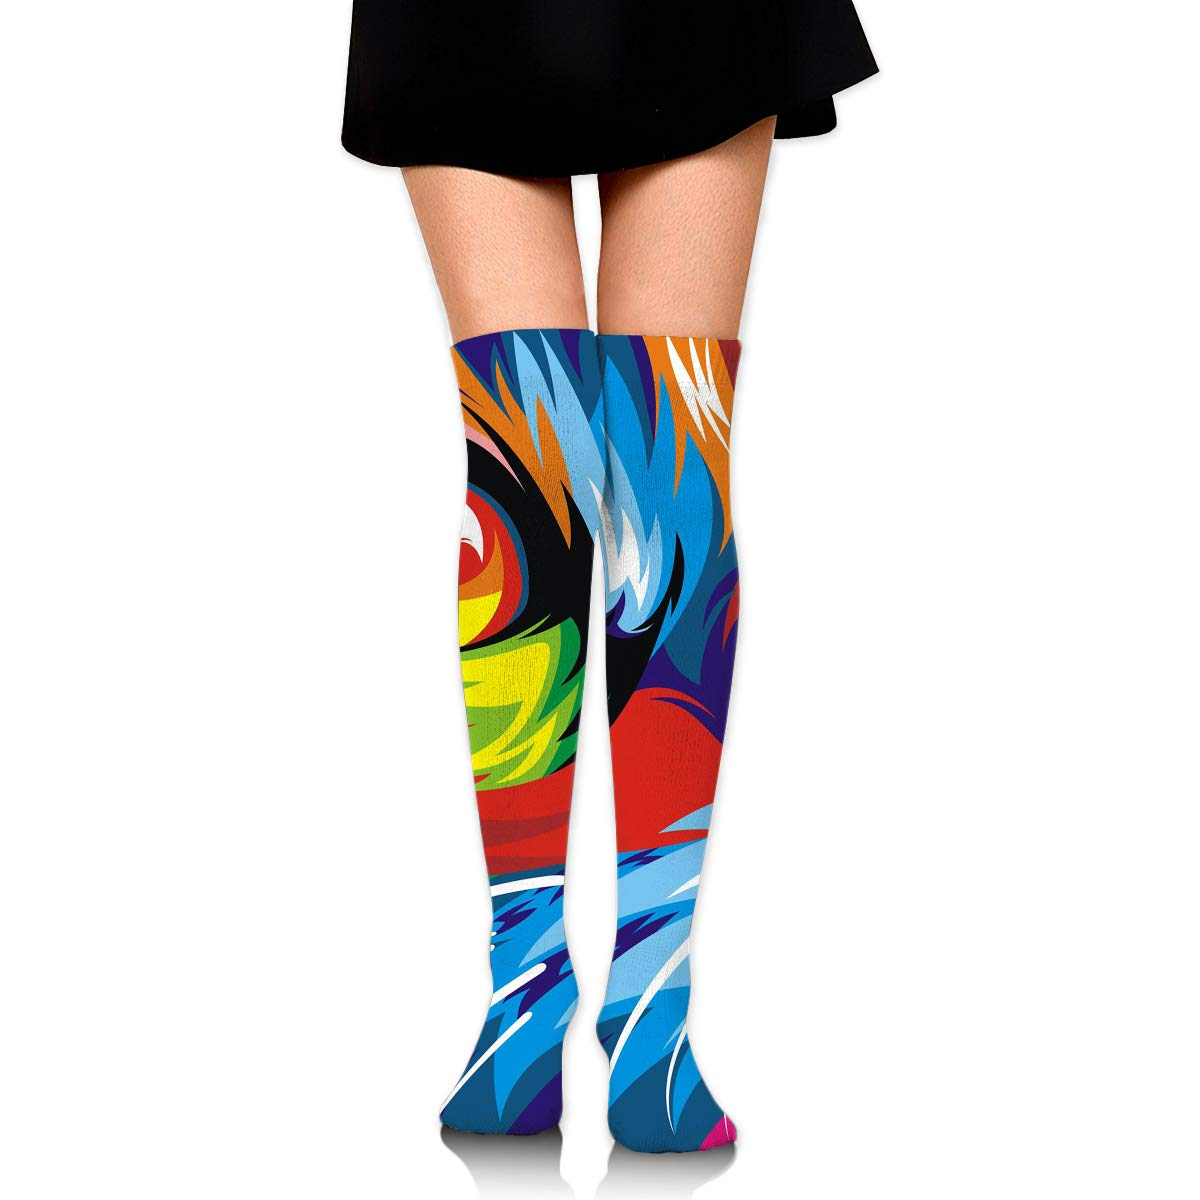 High Elasticity Girl Cotton Knee High Socks Uniform Color Cat Art Women Tube Socks